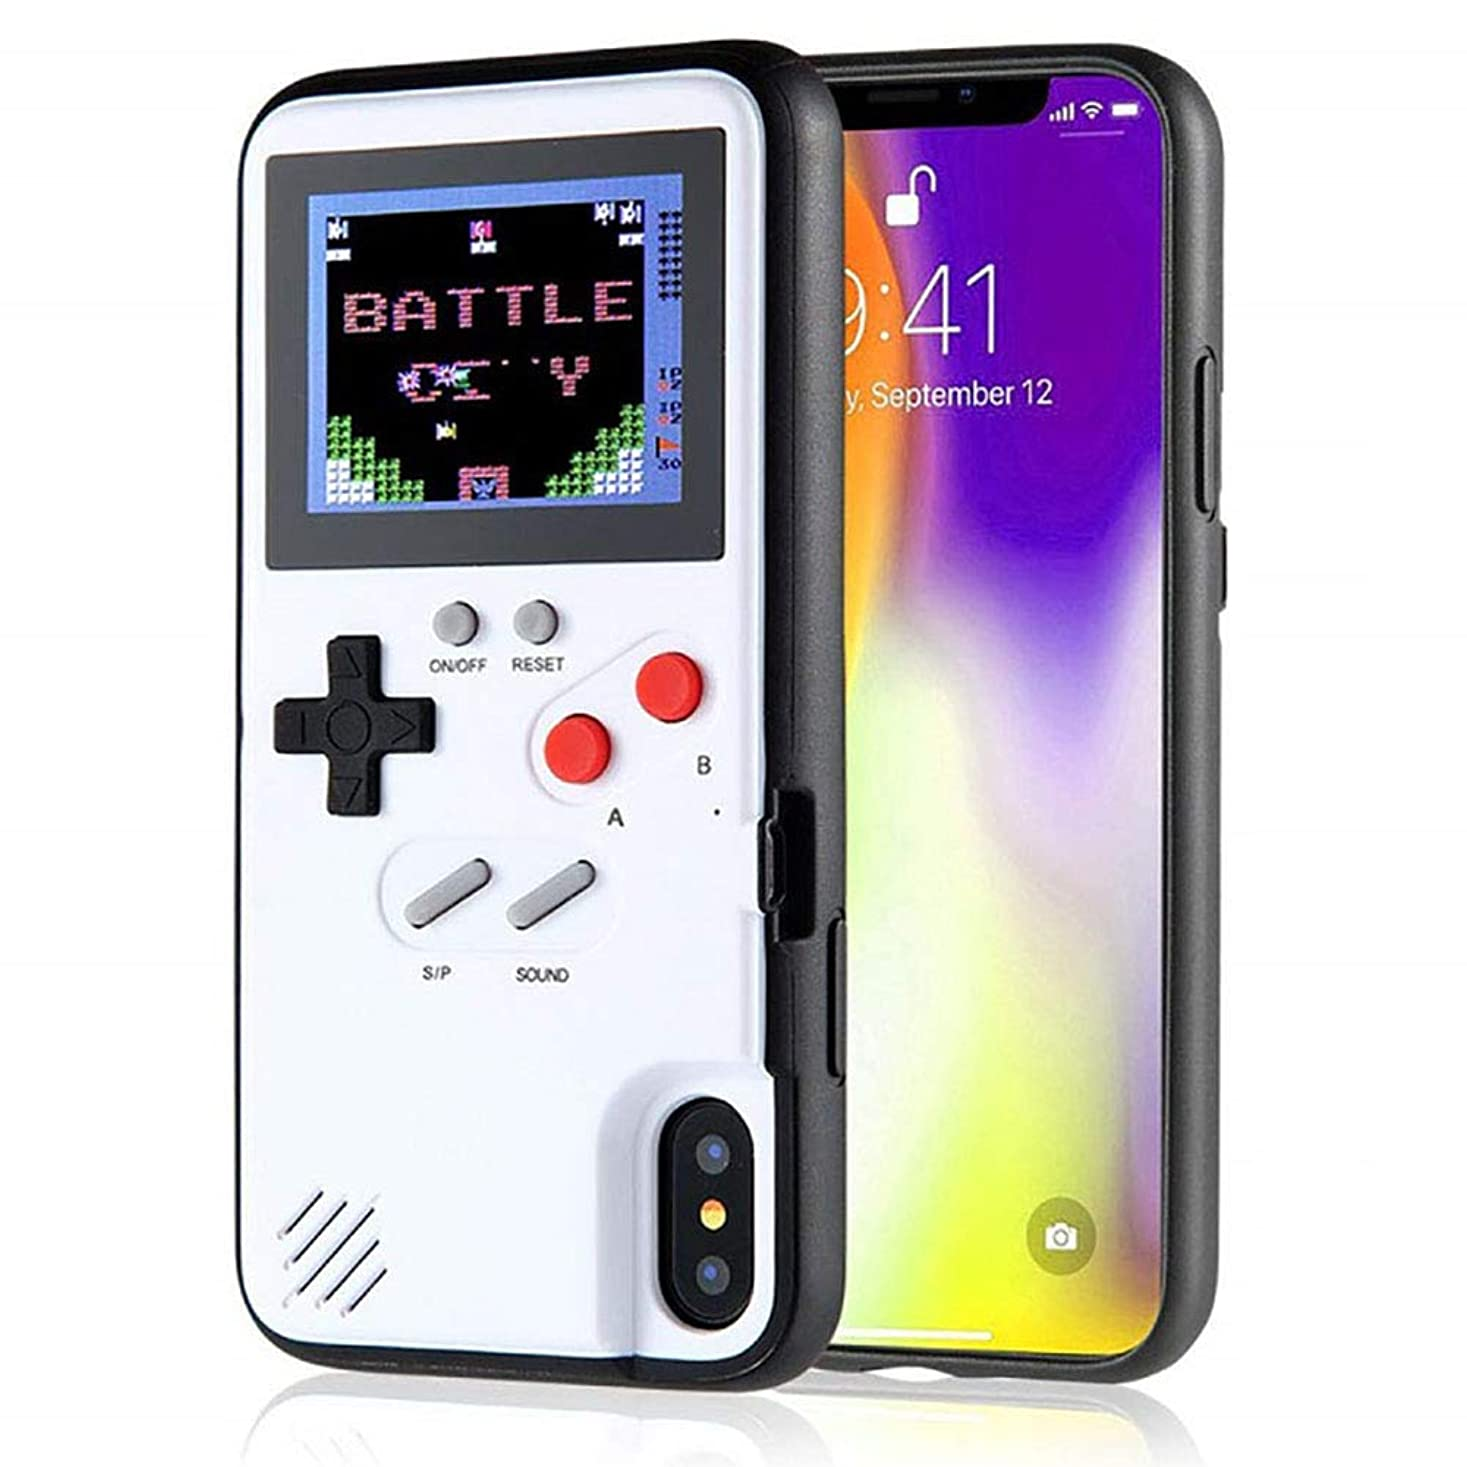 助言する驚かす飢饉iPhone用ゲームボーイケース、36の小さいゲーム、フルカラーディスプレイ、iPhone X/Xs/MAX/Xr / 6/7/8用のゲームケース(ホワイト、iPhone XR)